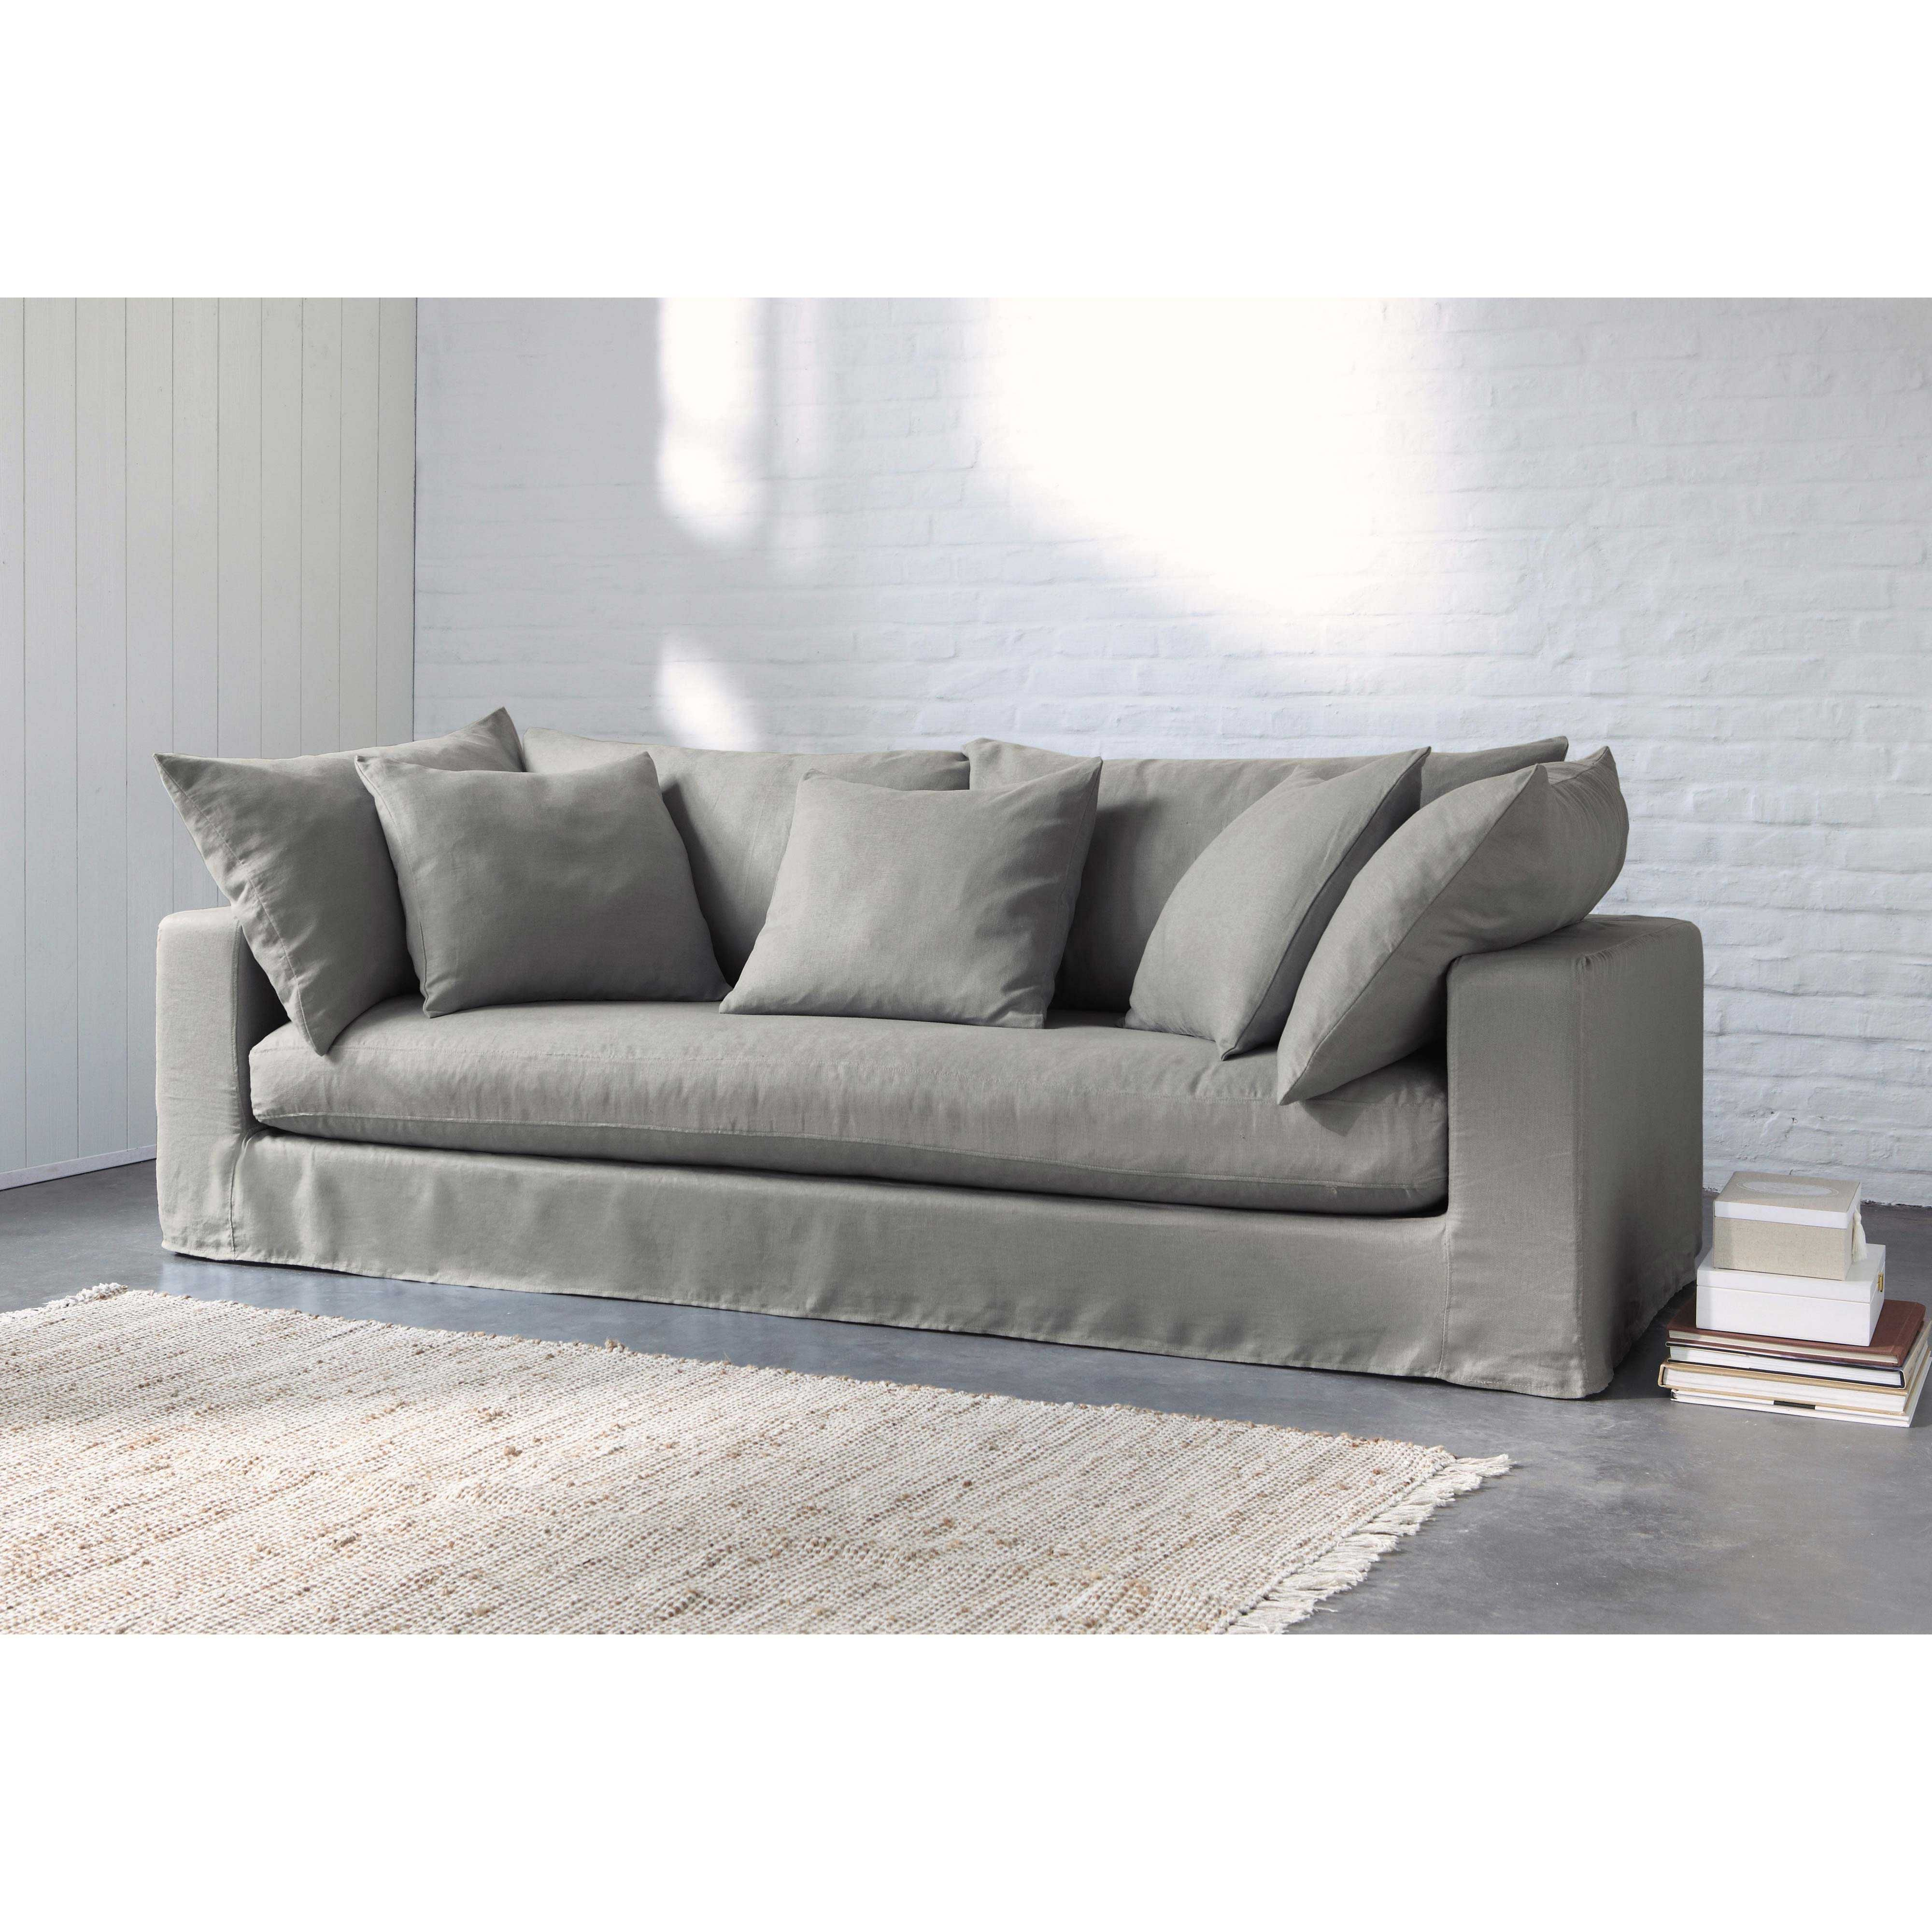 Sofá 3 plazas de lino lavado gris claro Gaspard